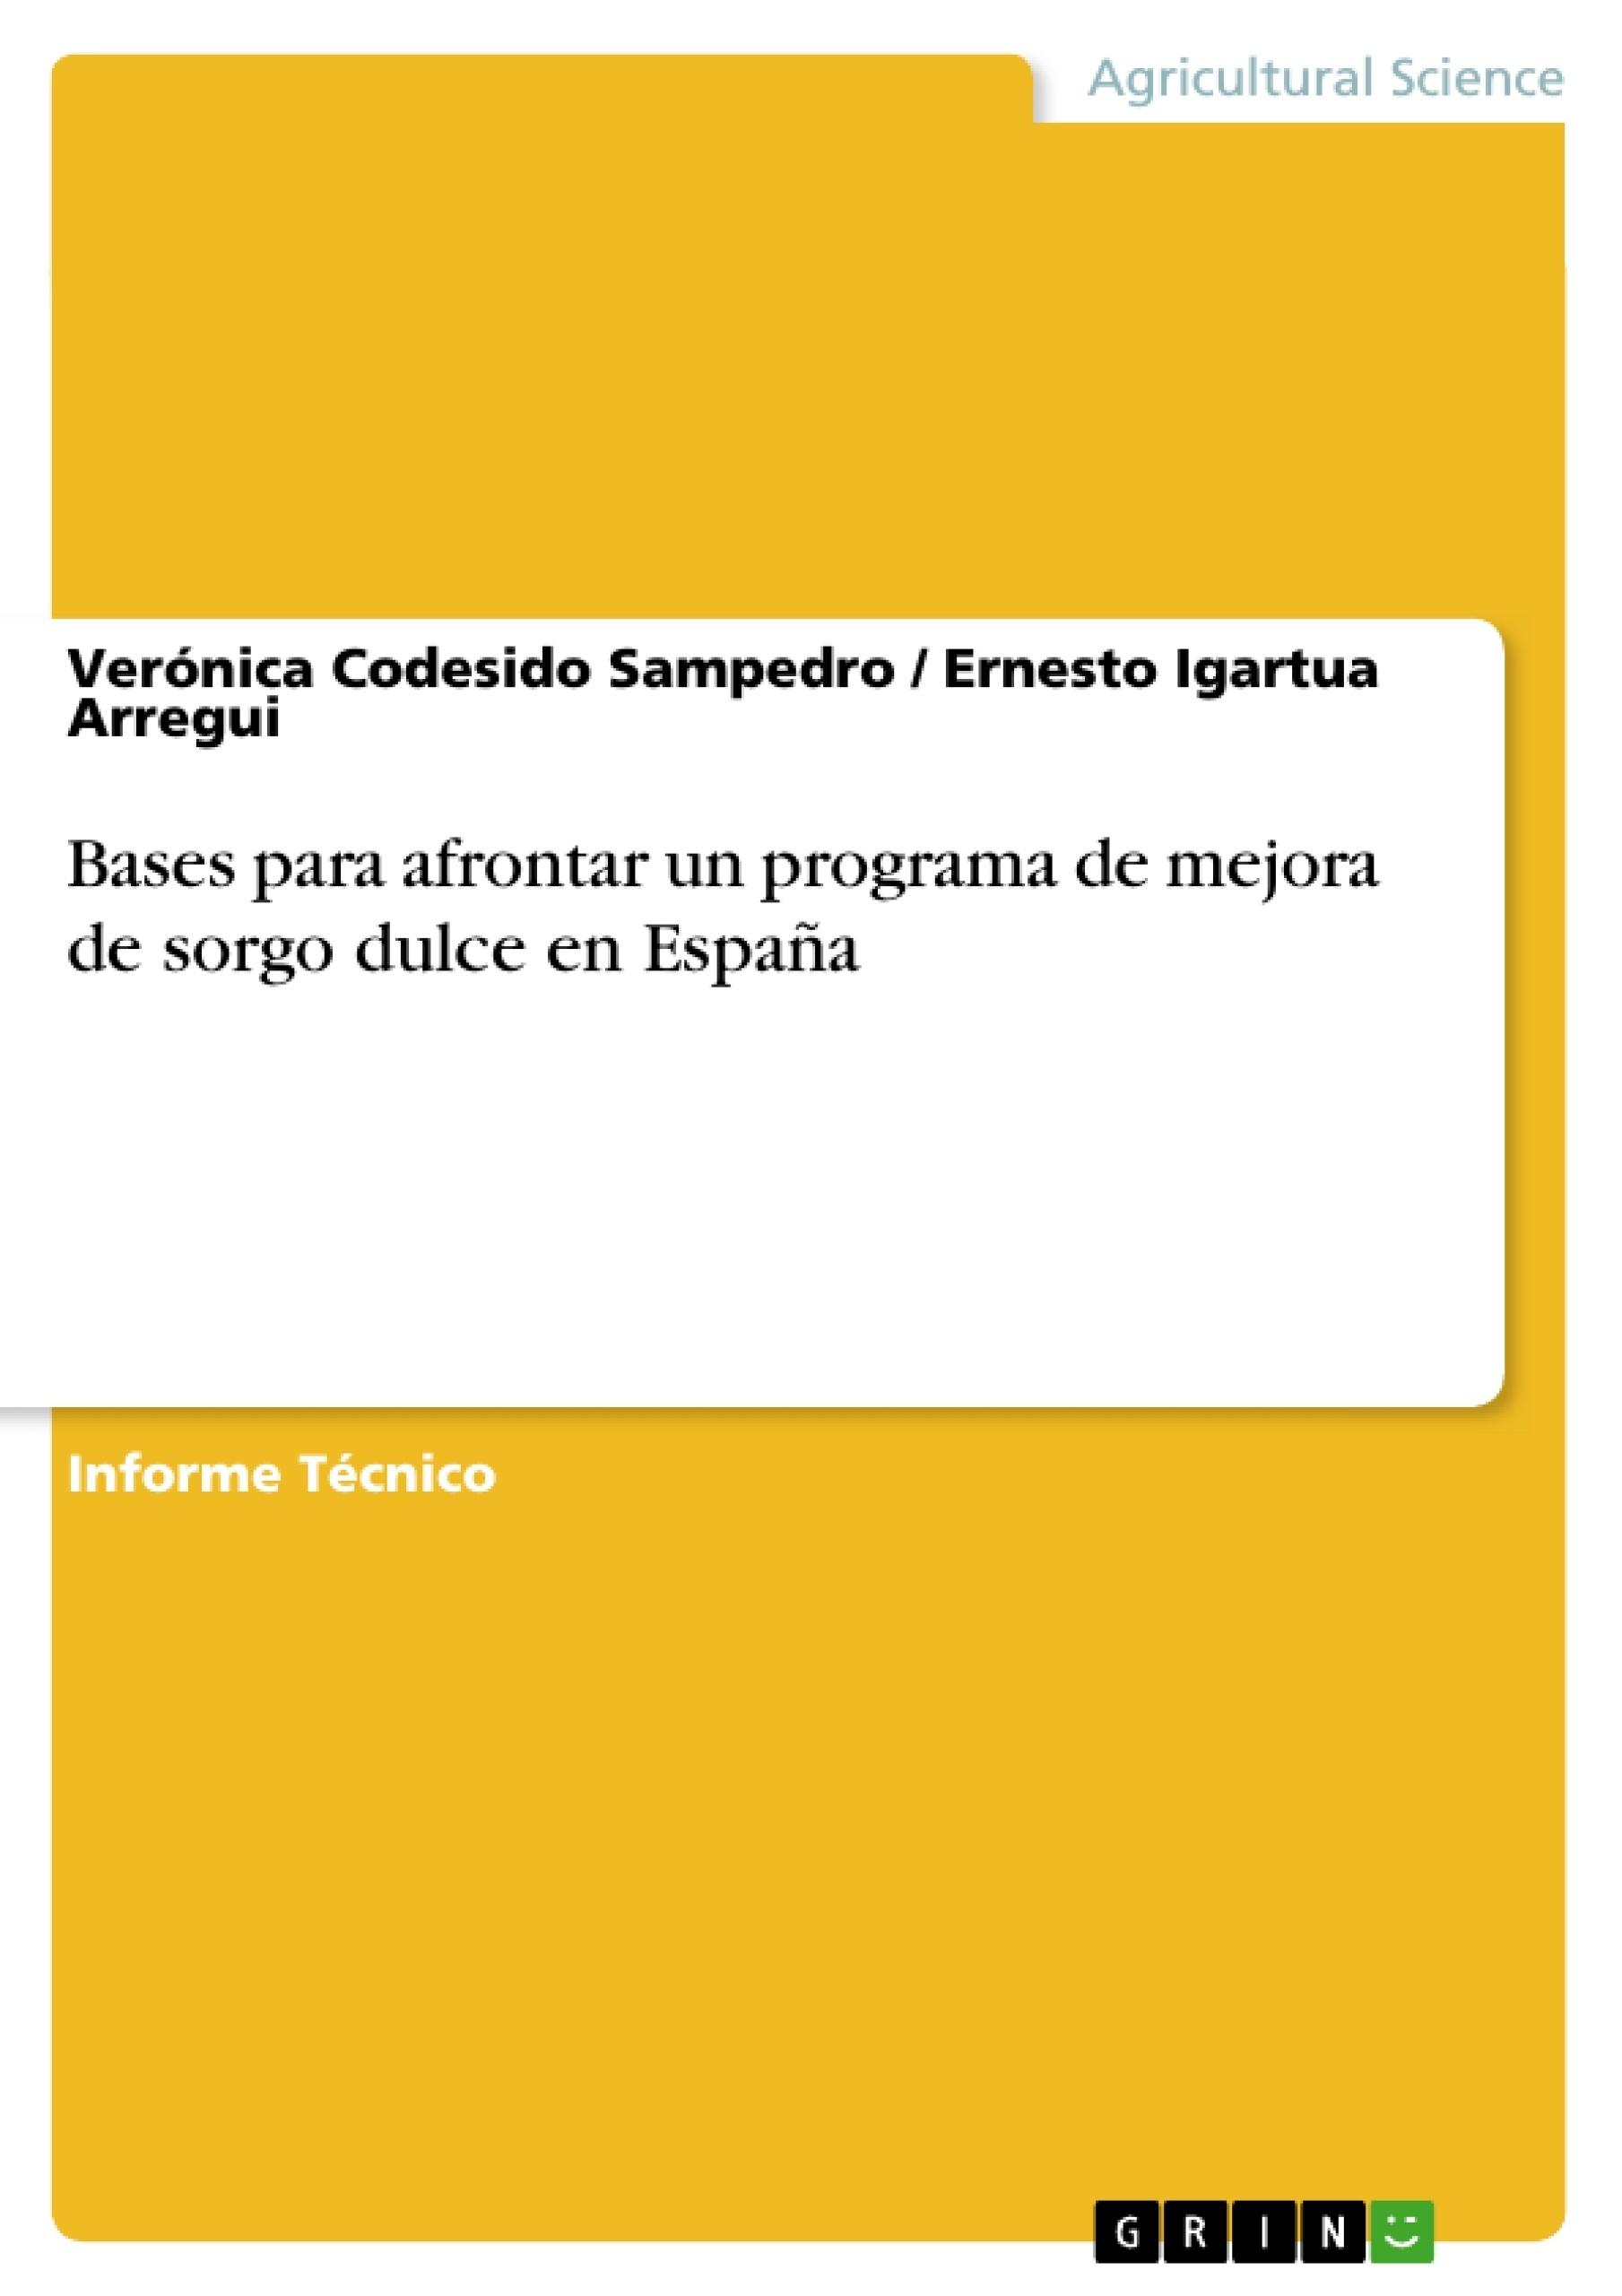 Título: Bases para afrontar un programa de mejora de sorgo dulce en España